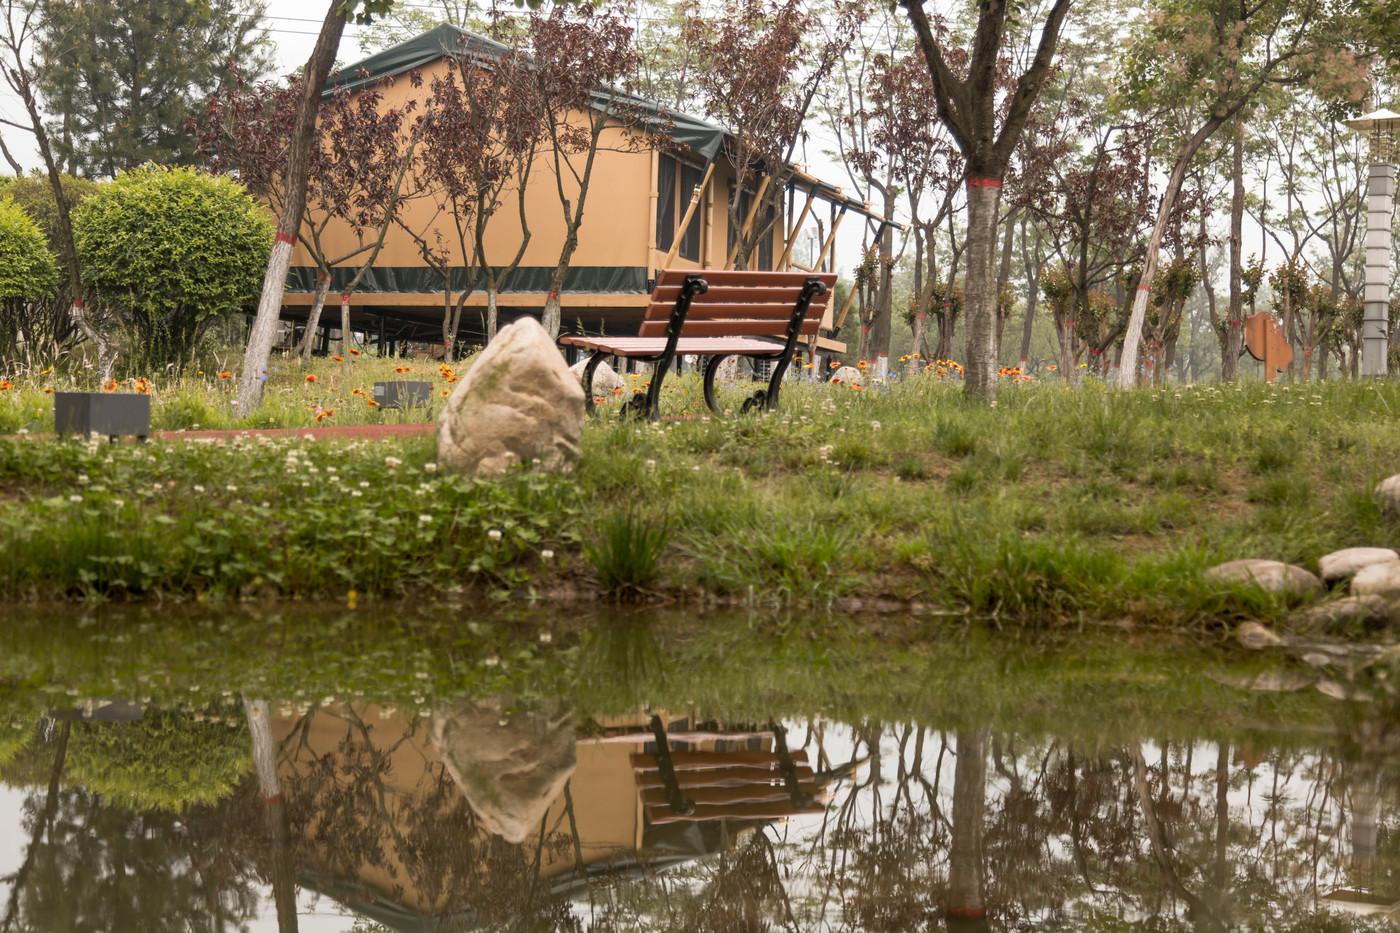 喜马拉雅野奢帐篷酒店—华山自驾游露营地(78平)2